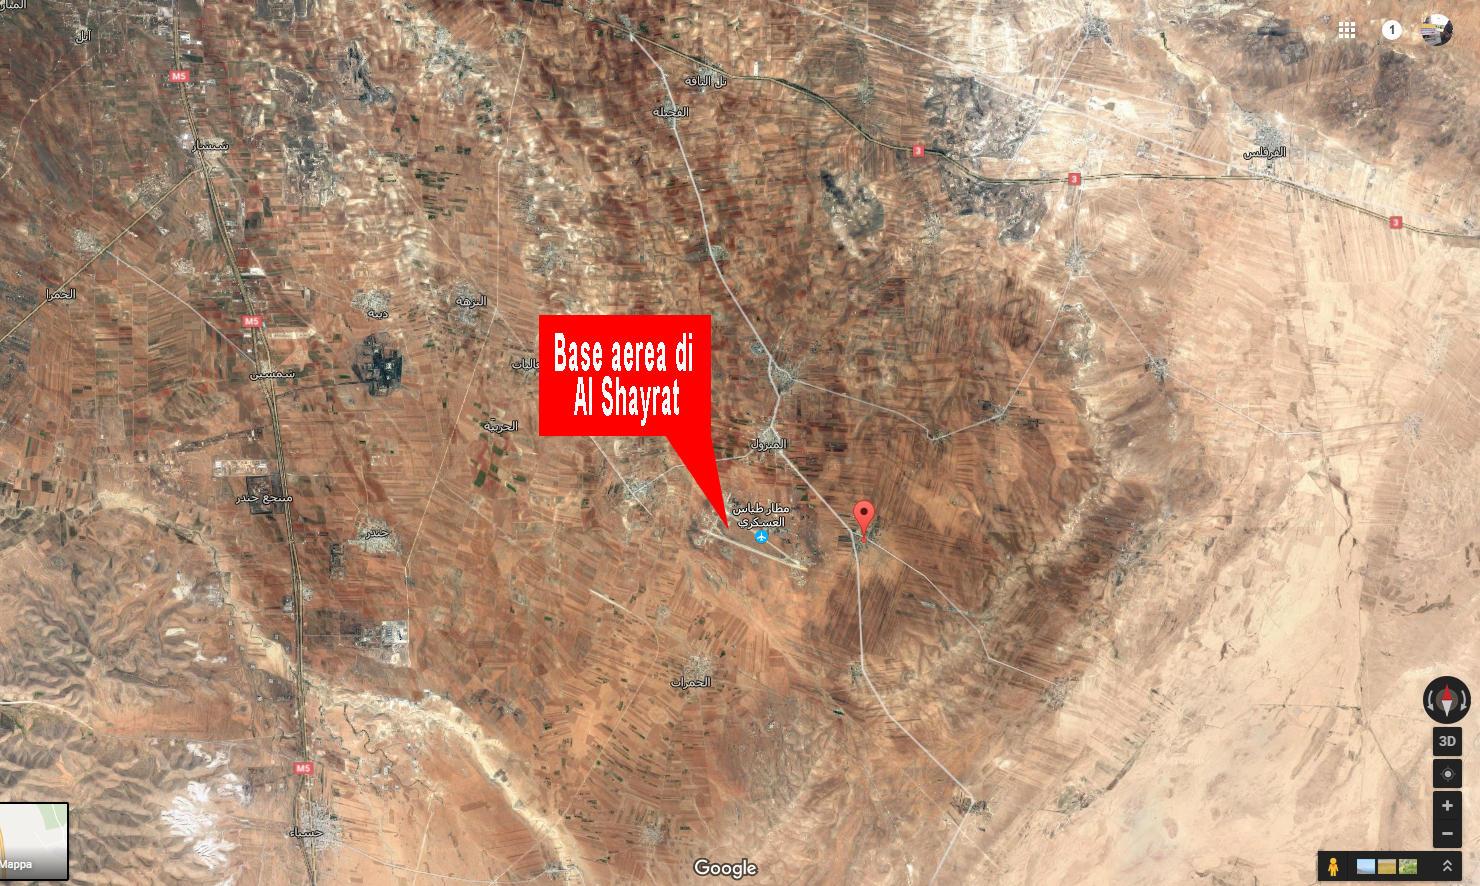 Base aerea di Al Shayrat: la scheda